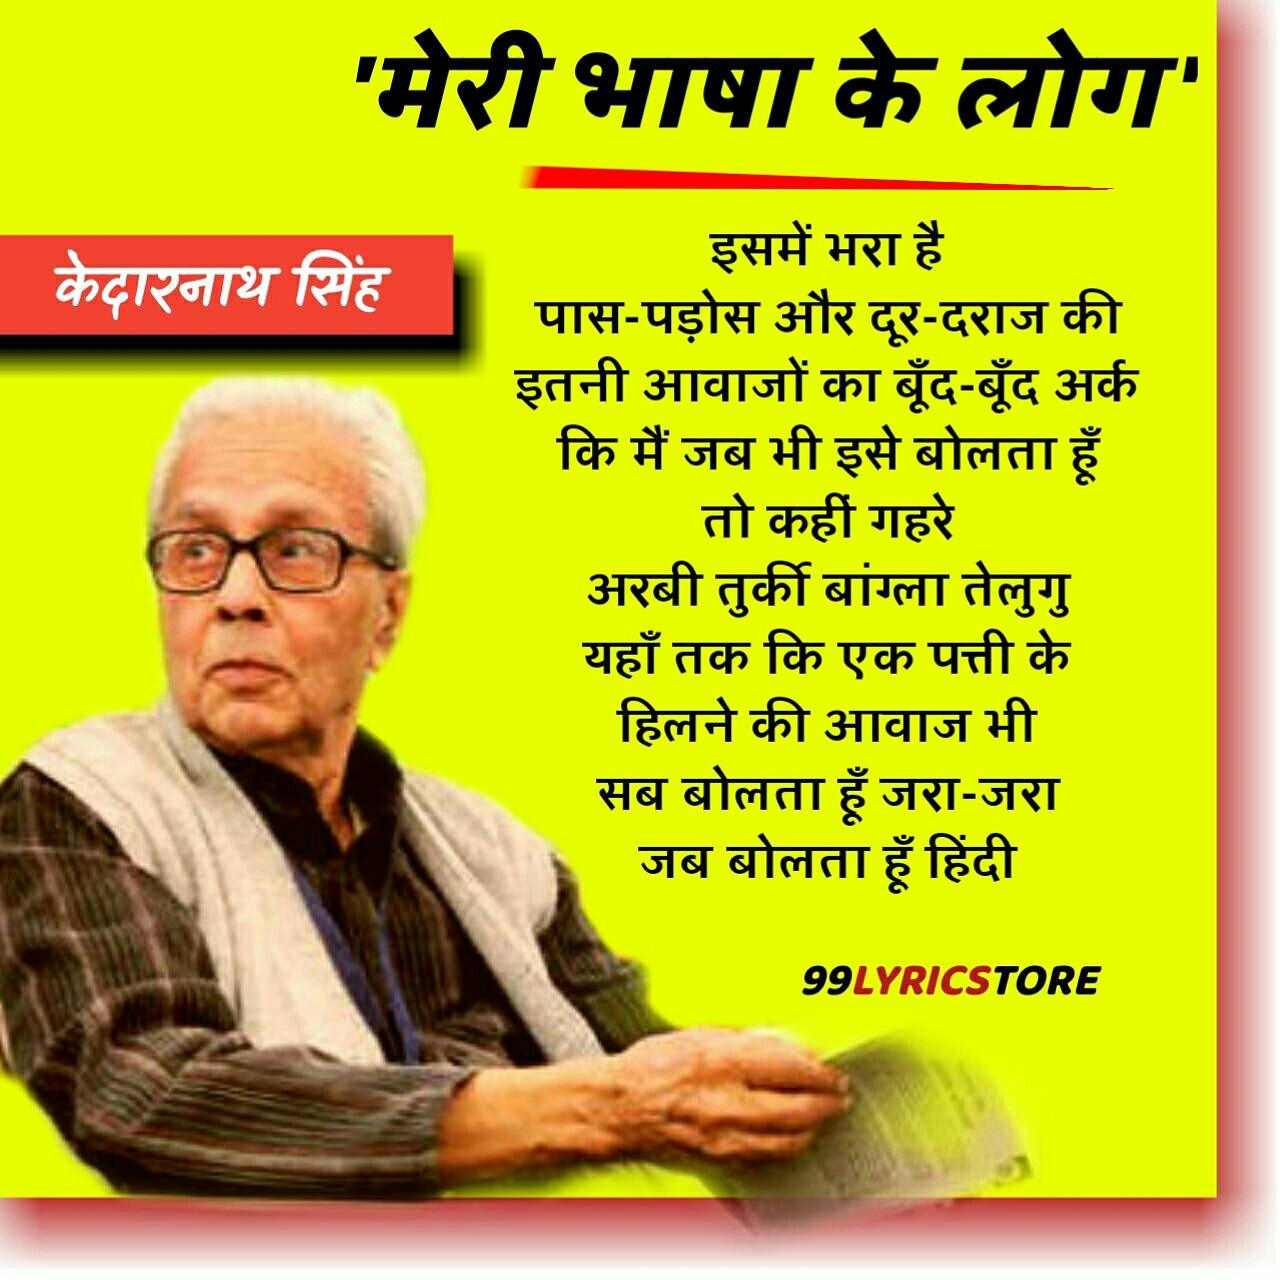 'मेरी भाषा के लोग' कविता केदारनाथ सिंह जी द्वारा लिखी गई एक हिन्दी कविता है।